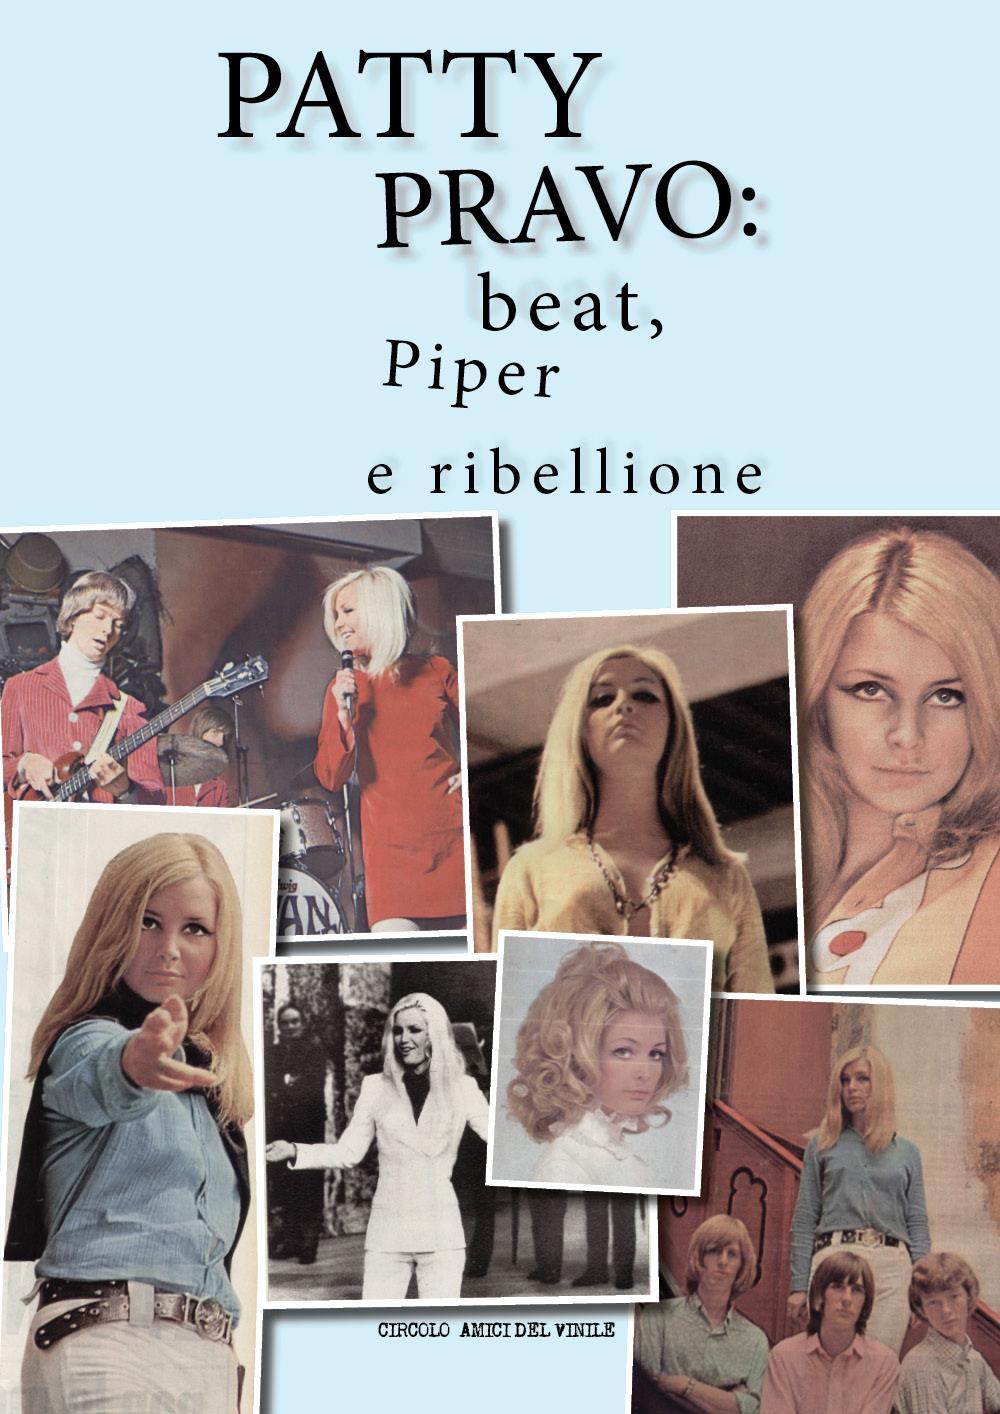 Patty Pravo: beat, Piper e ribellione